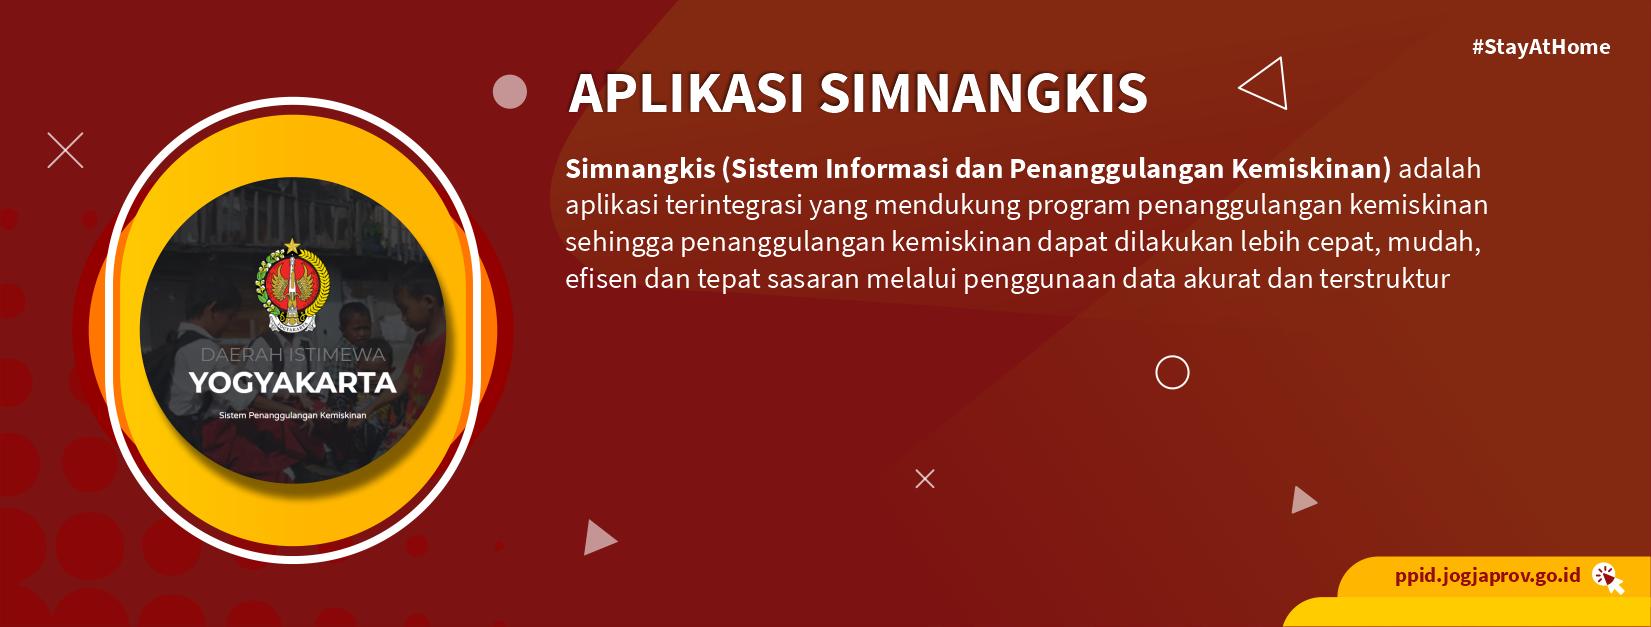 Aplikasi Simnangkis